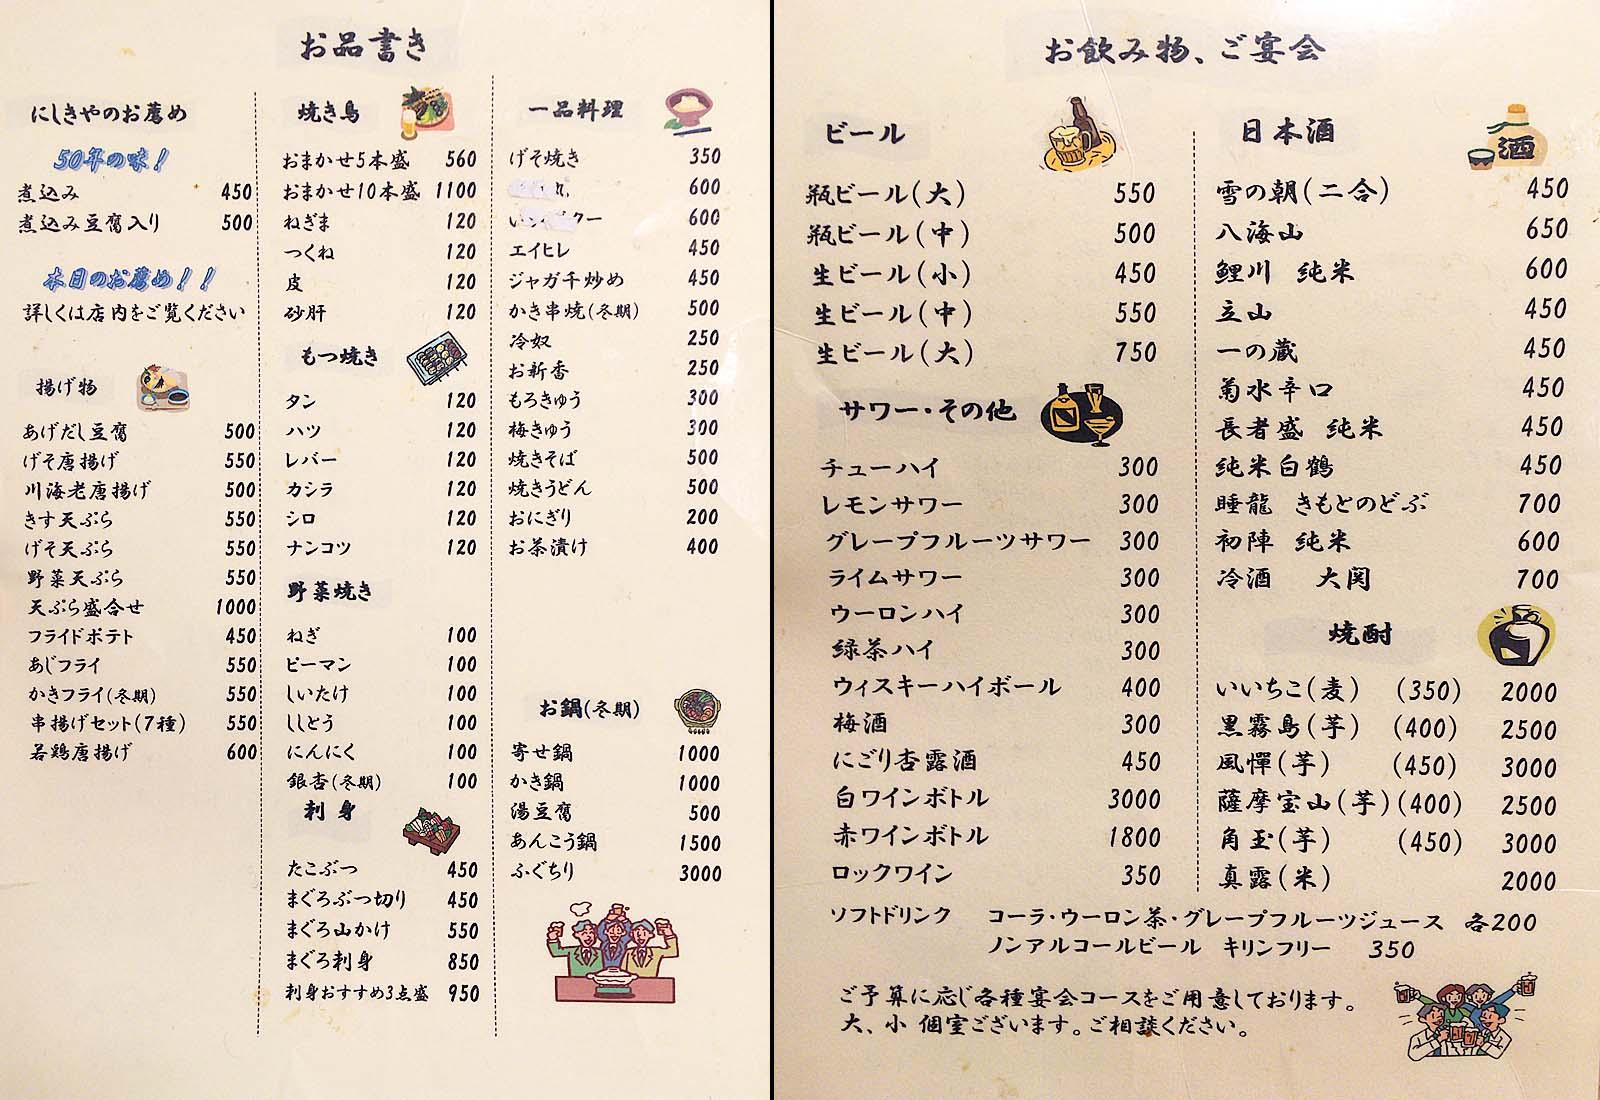 千駄木の老舗居酒屋「にしきや」レギュラーメニュー